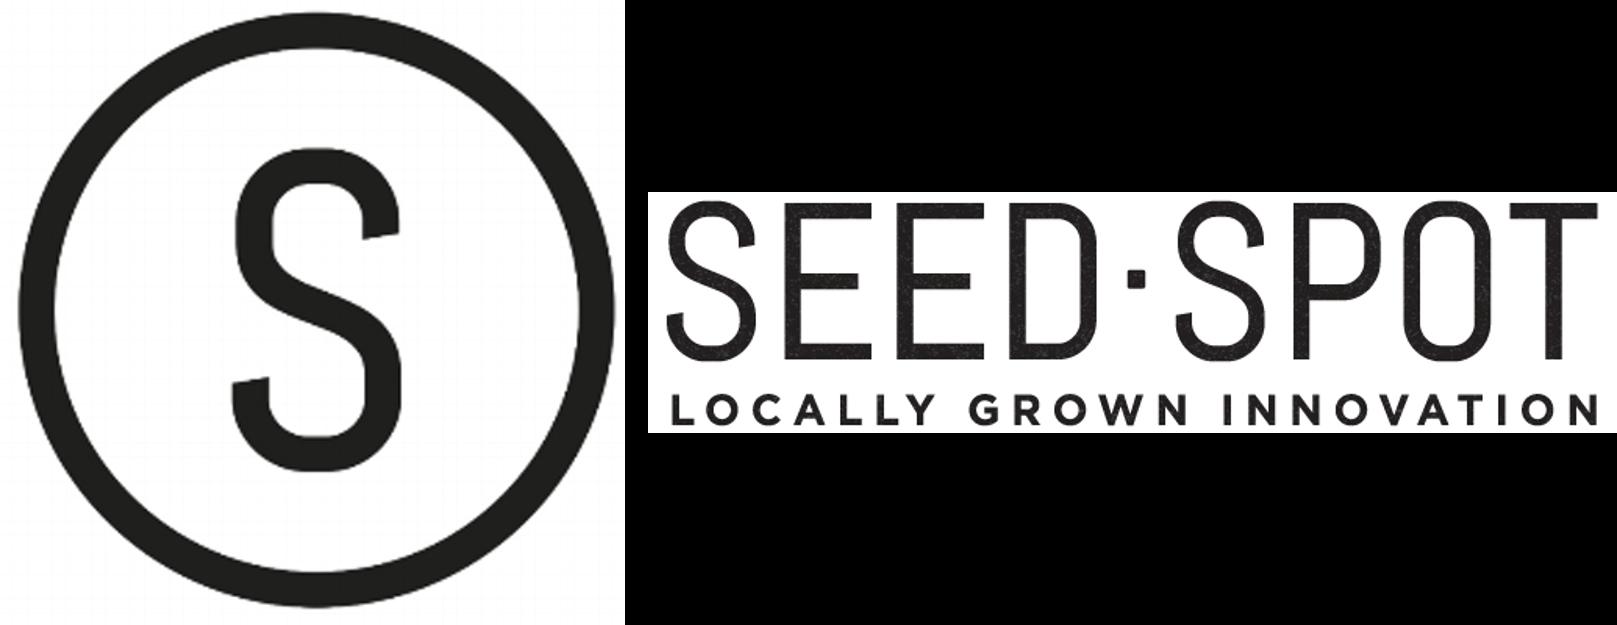 SeedSpot.png